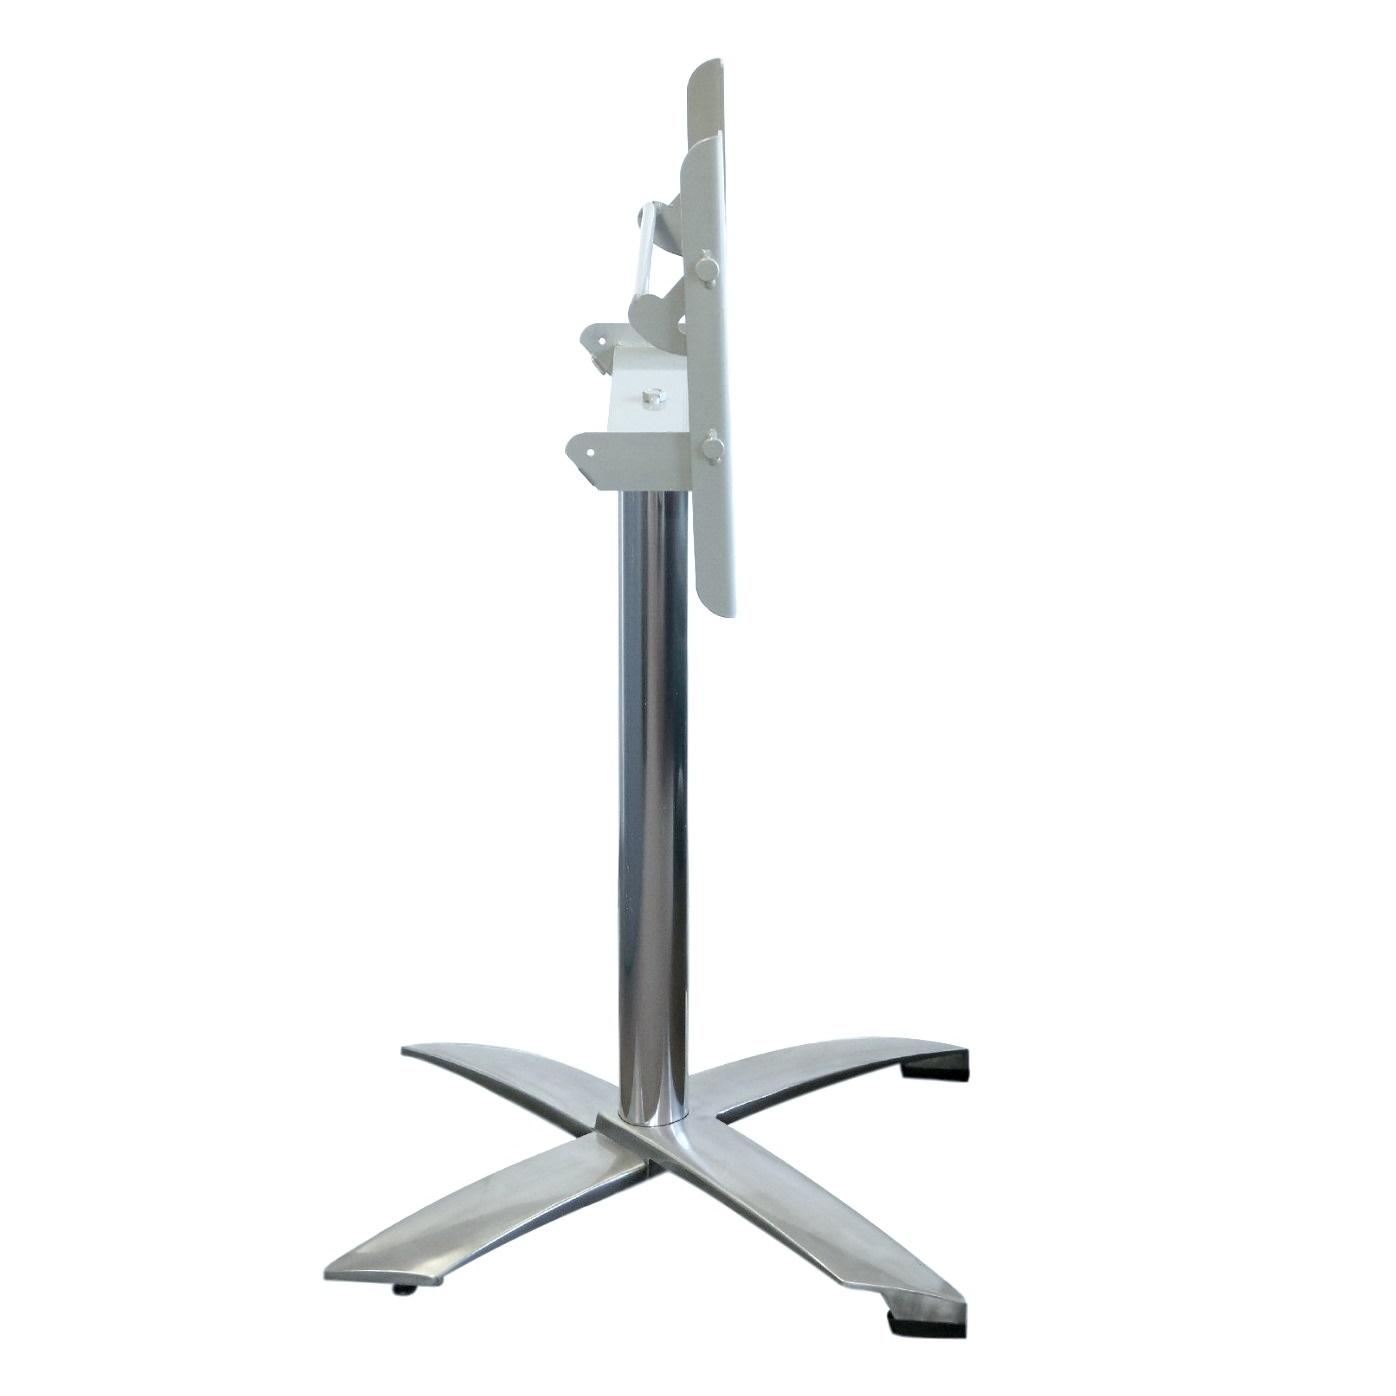 Blitz Table Base Folded